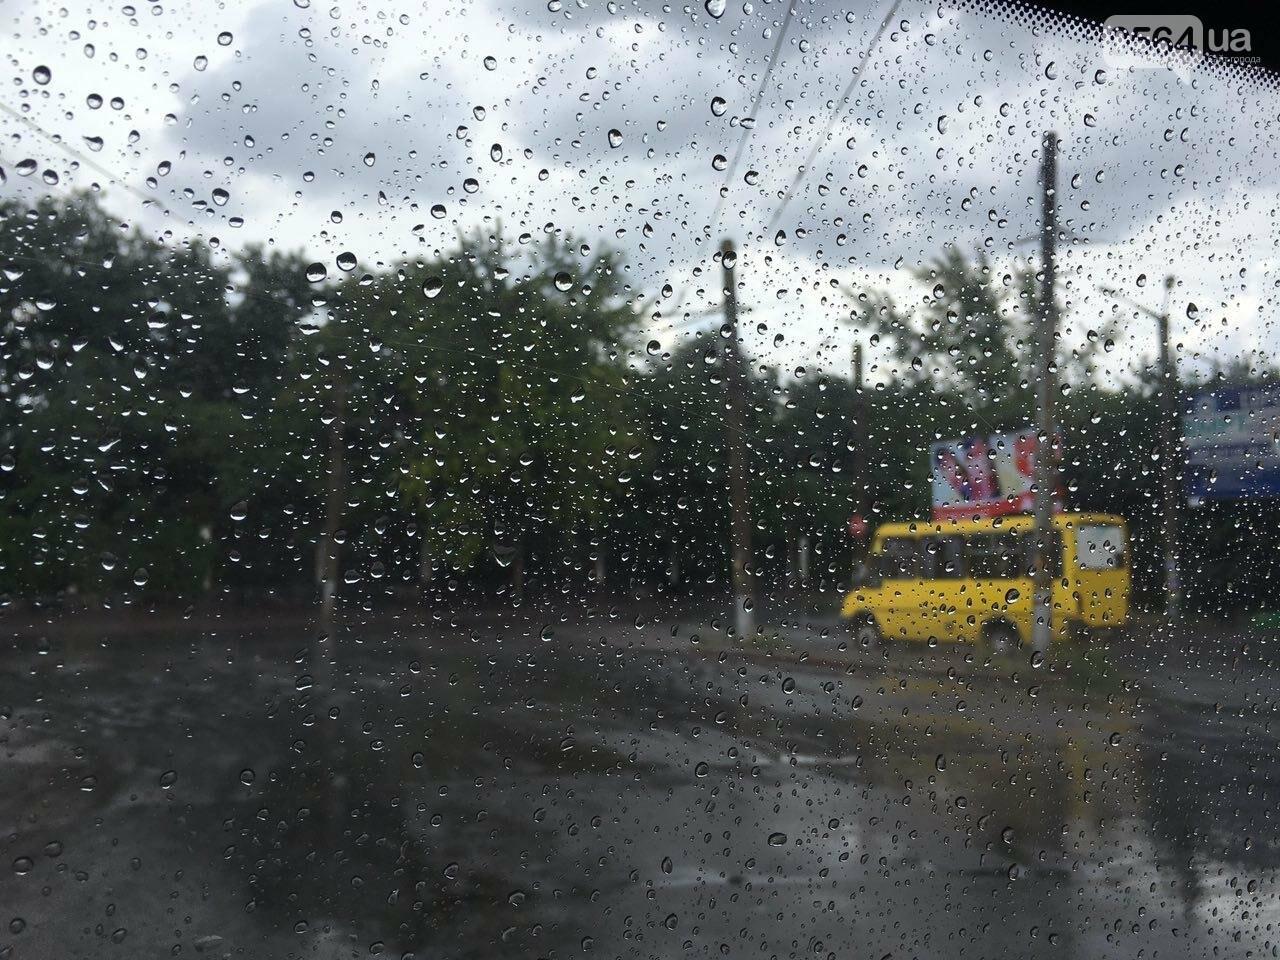 Маршрут дождя: В Кривом Роге в одних районах льет ливень, в других ярко светит солнце, - ФОТО, фото-21